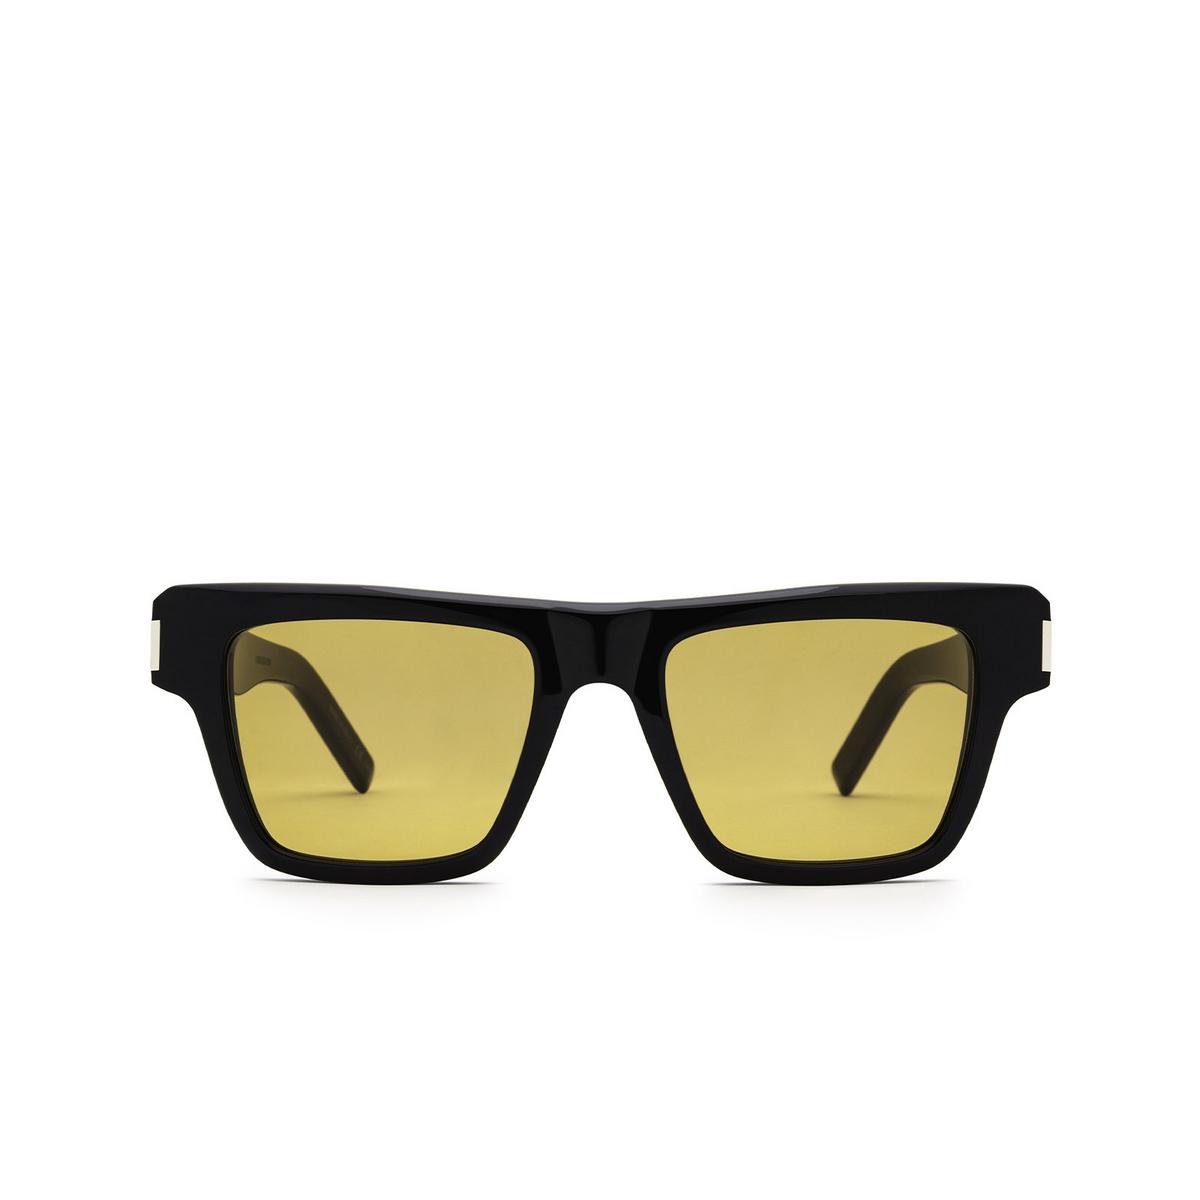 Saint Laurent® Rectangle Sunglasses: SL 469 color Black 004 - front view.